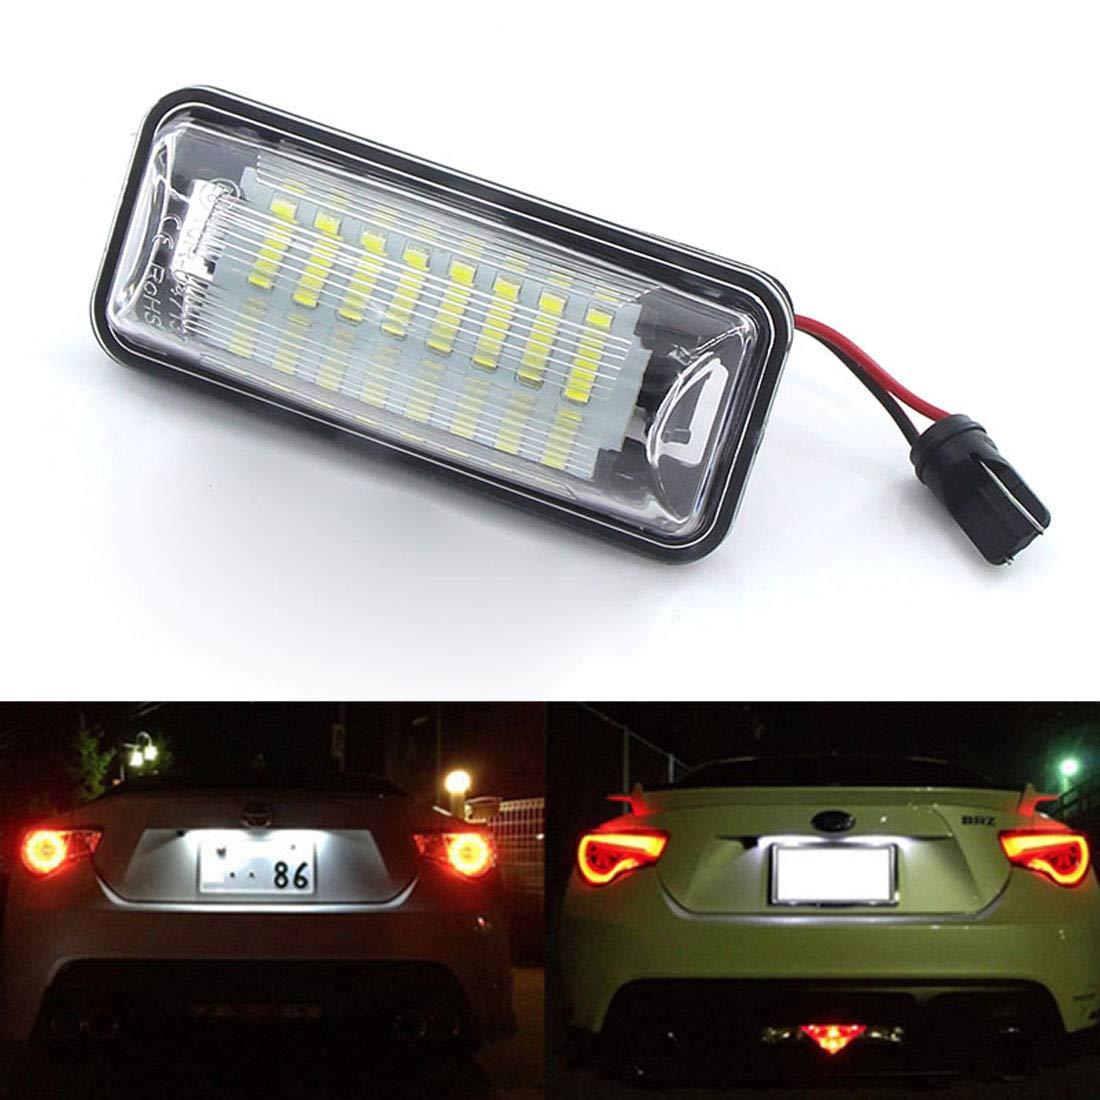 MuChangZi 2 St/ücke Wei/ße LED Kennzeichenbeleuchtung Ersatz F/ür Subaru Forester Impreza Verm/ächtnis BRZ WRX XV Crosstrek T//oyota FT86 GT86